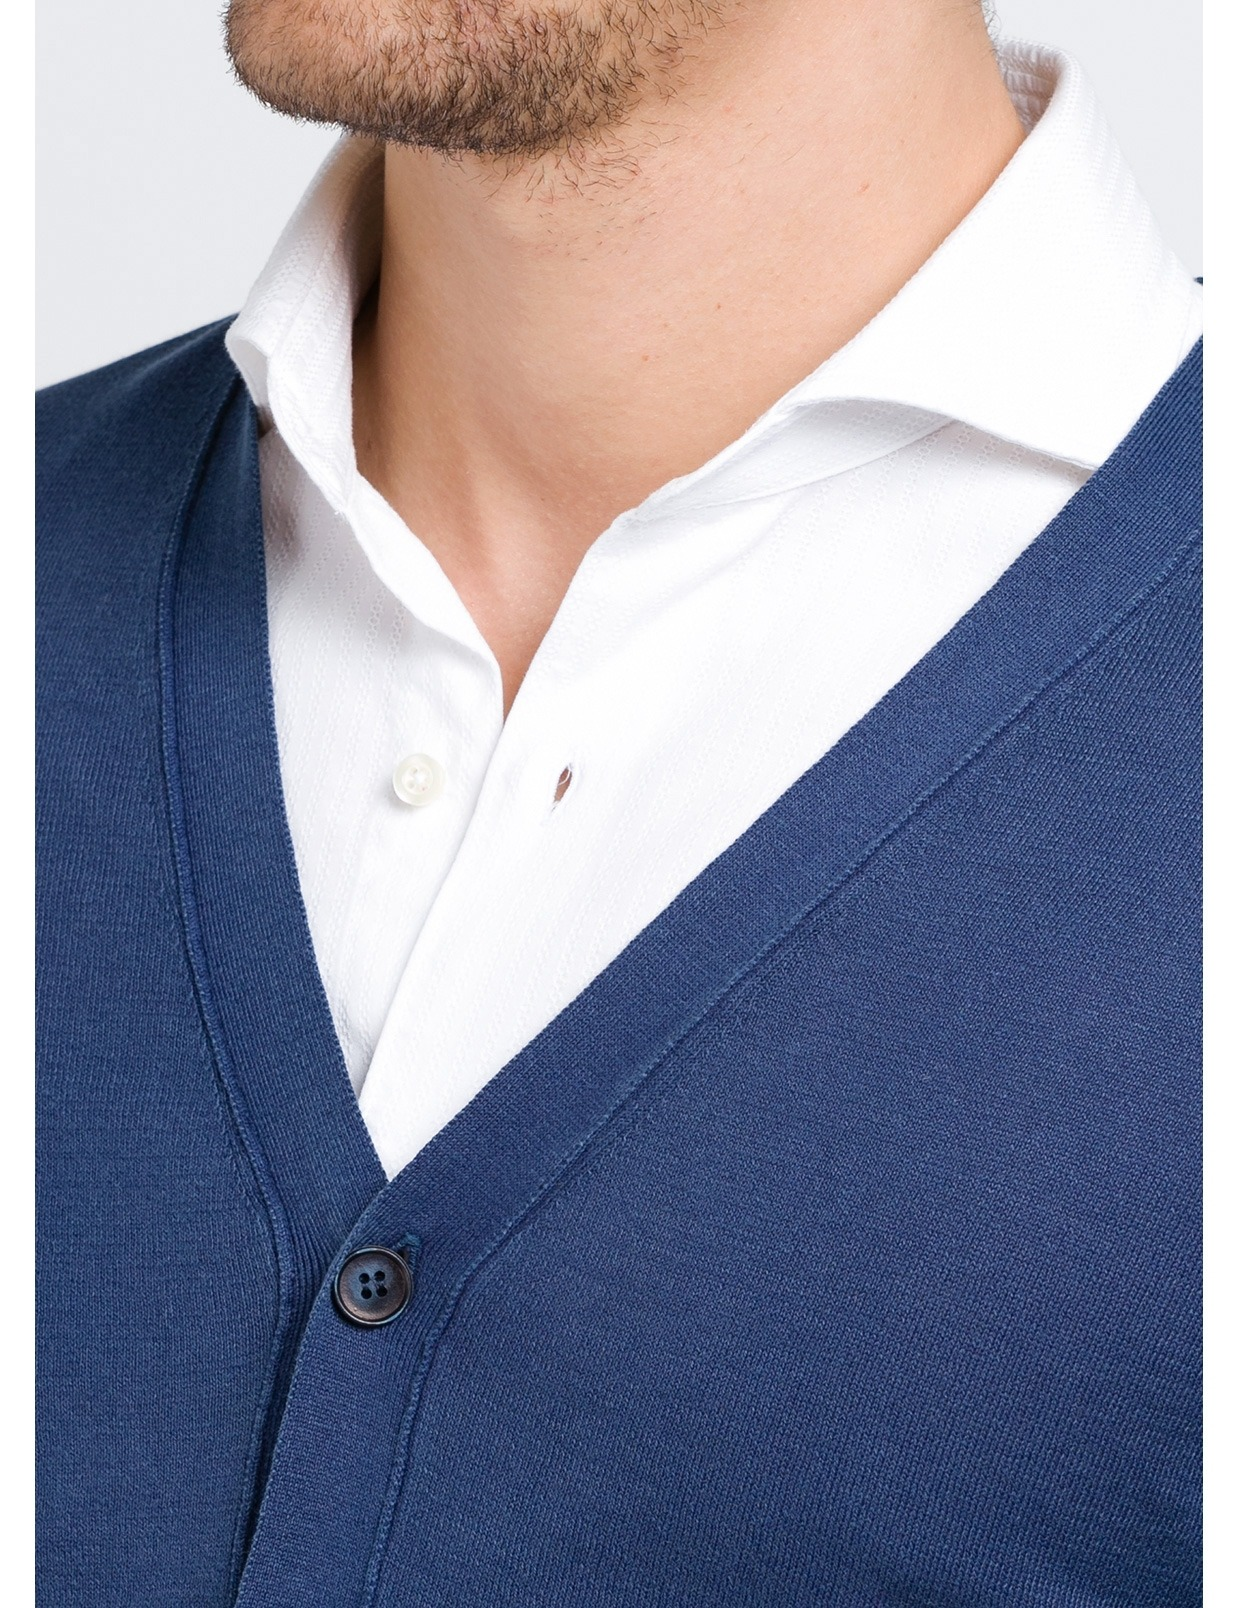 Cardigan con botones color azul marino, 100% Algodón. - Ítem1